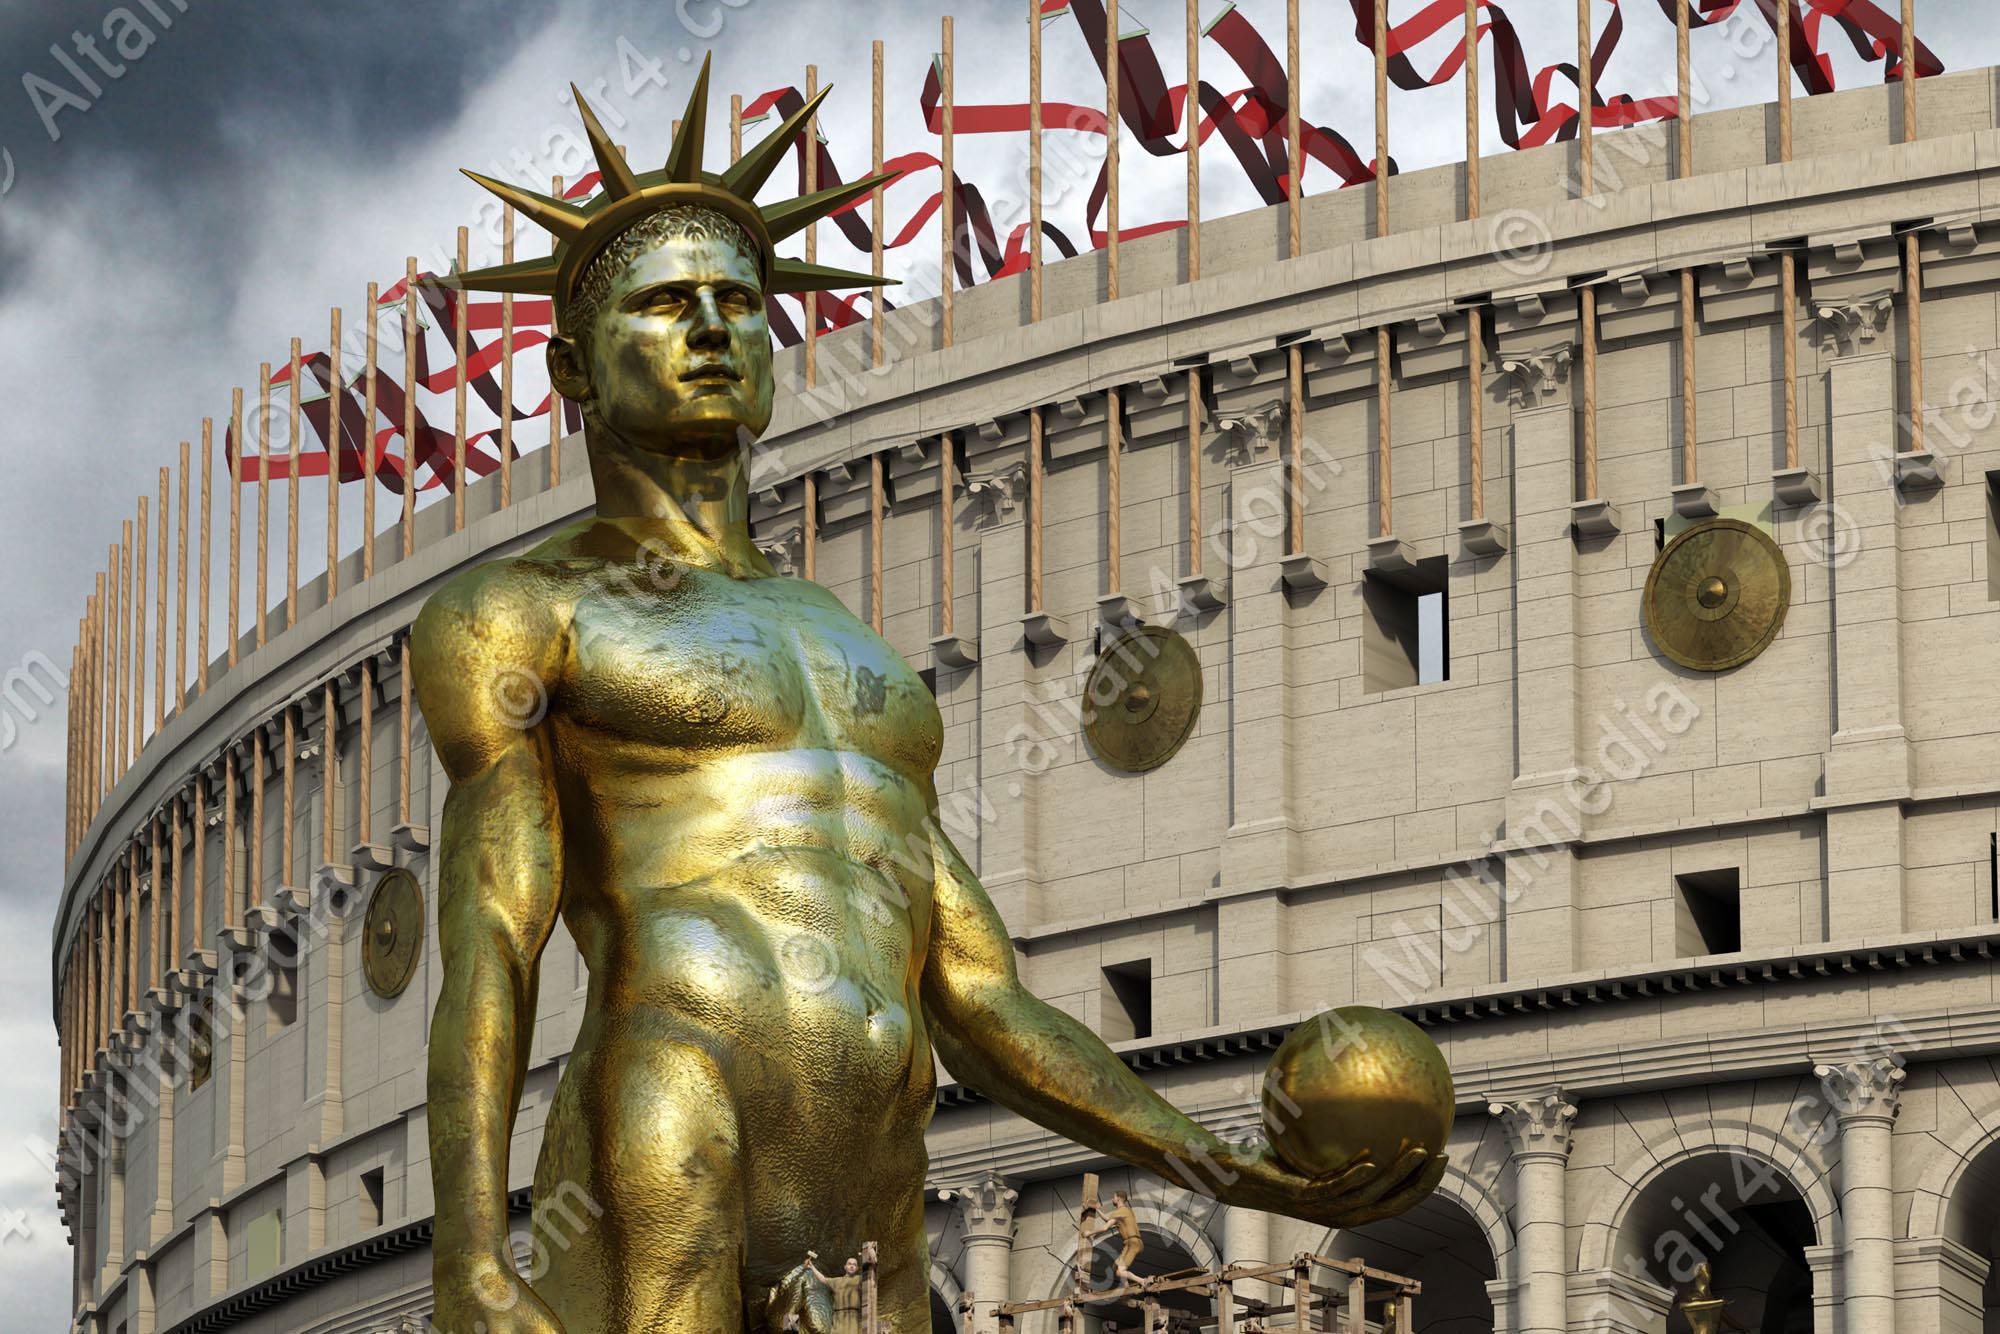 Nero Statue_Colosseum (1)